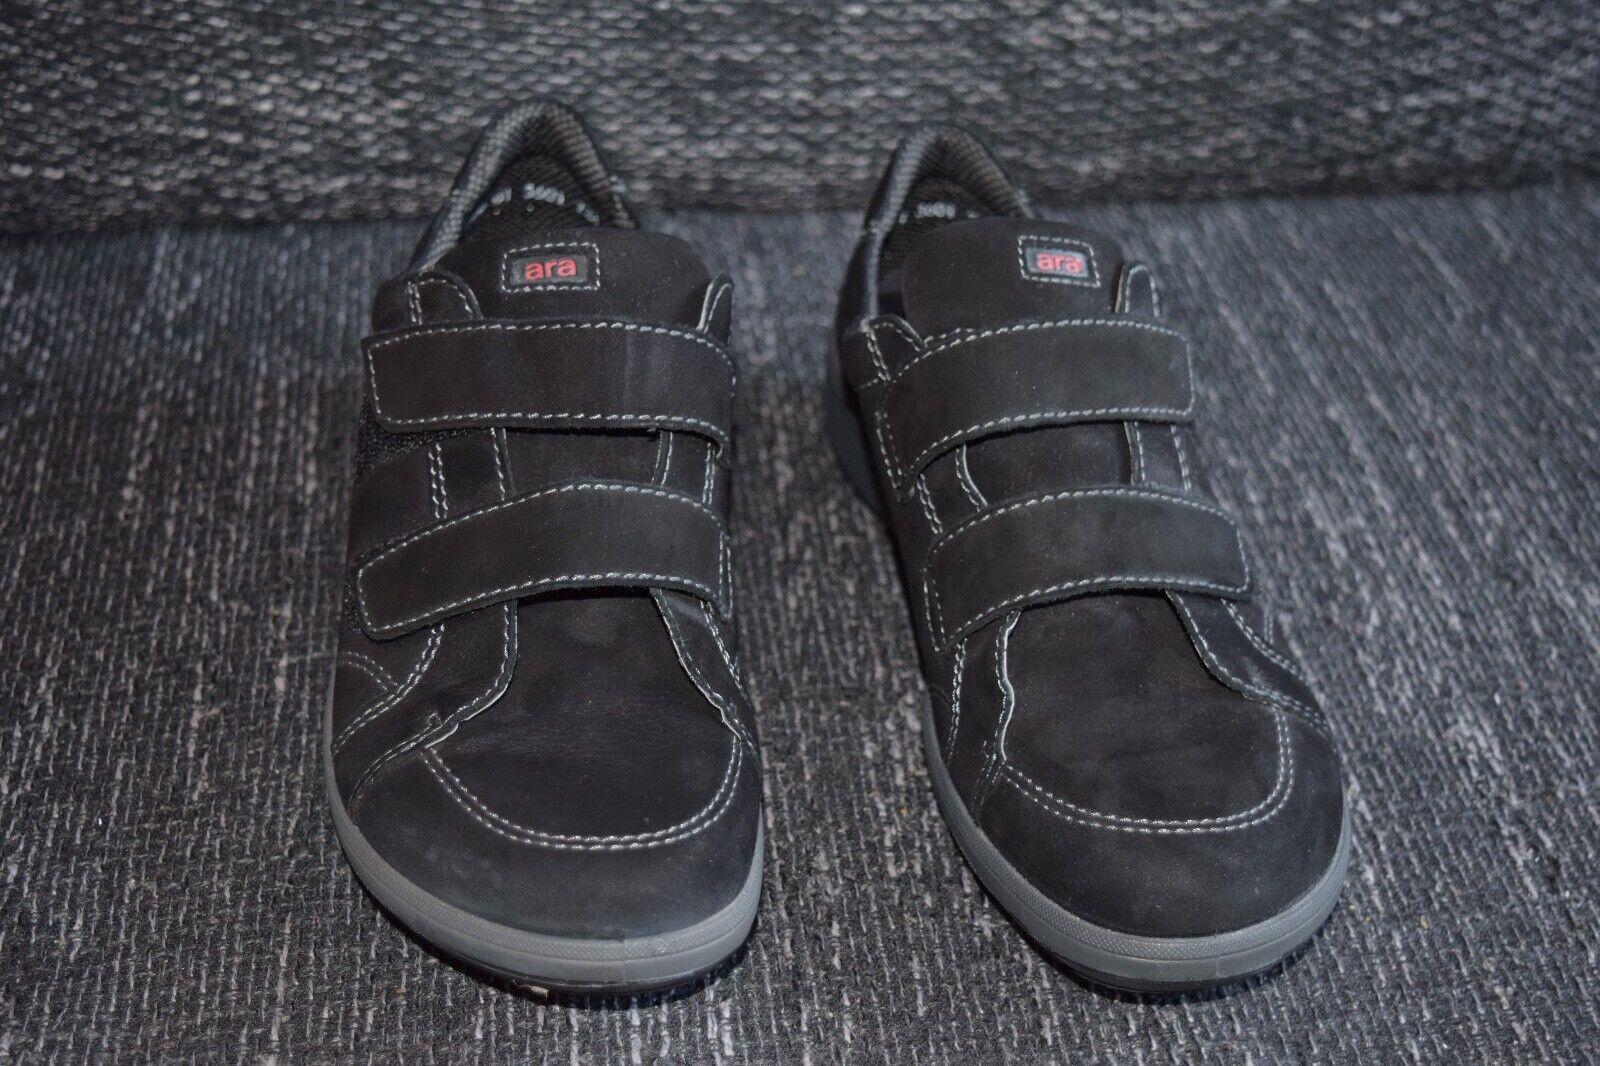 Damen Schuhe ara schwarz Größe 41 neu mit Etikett noch ungetragen